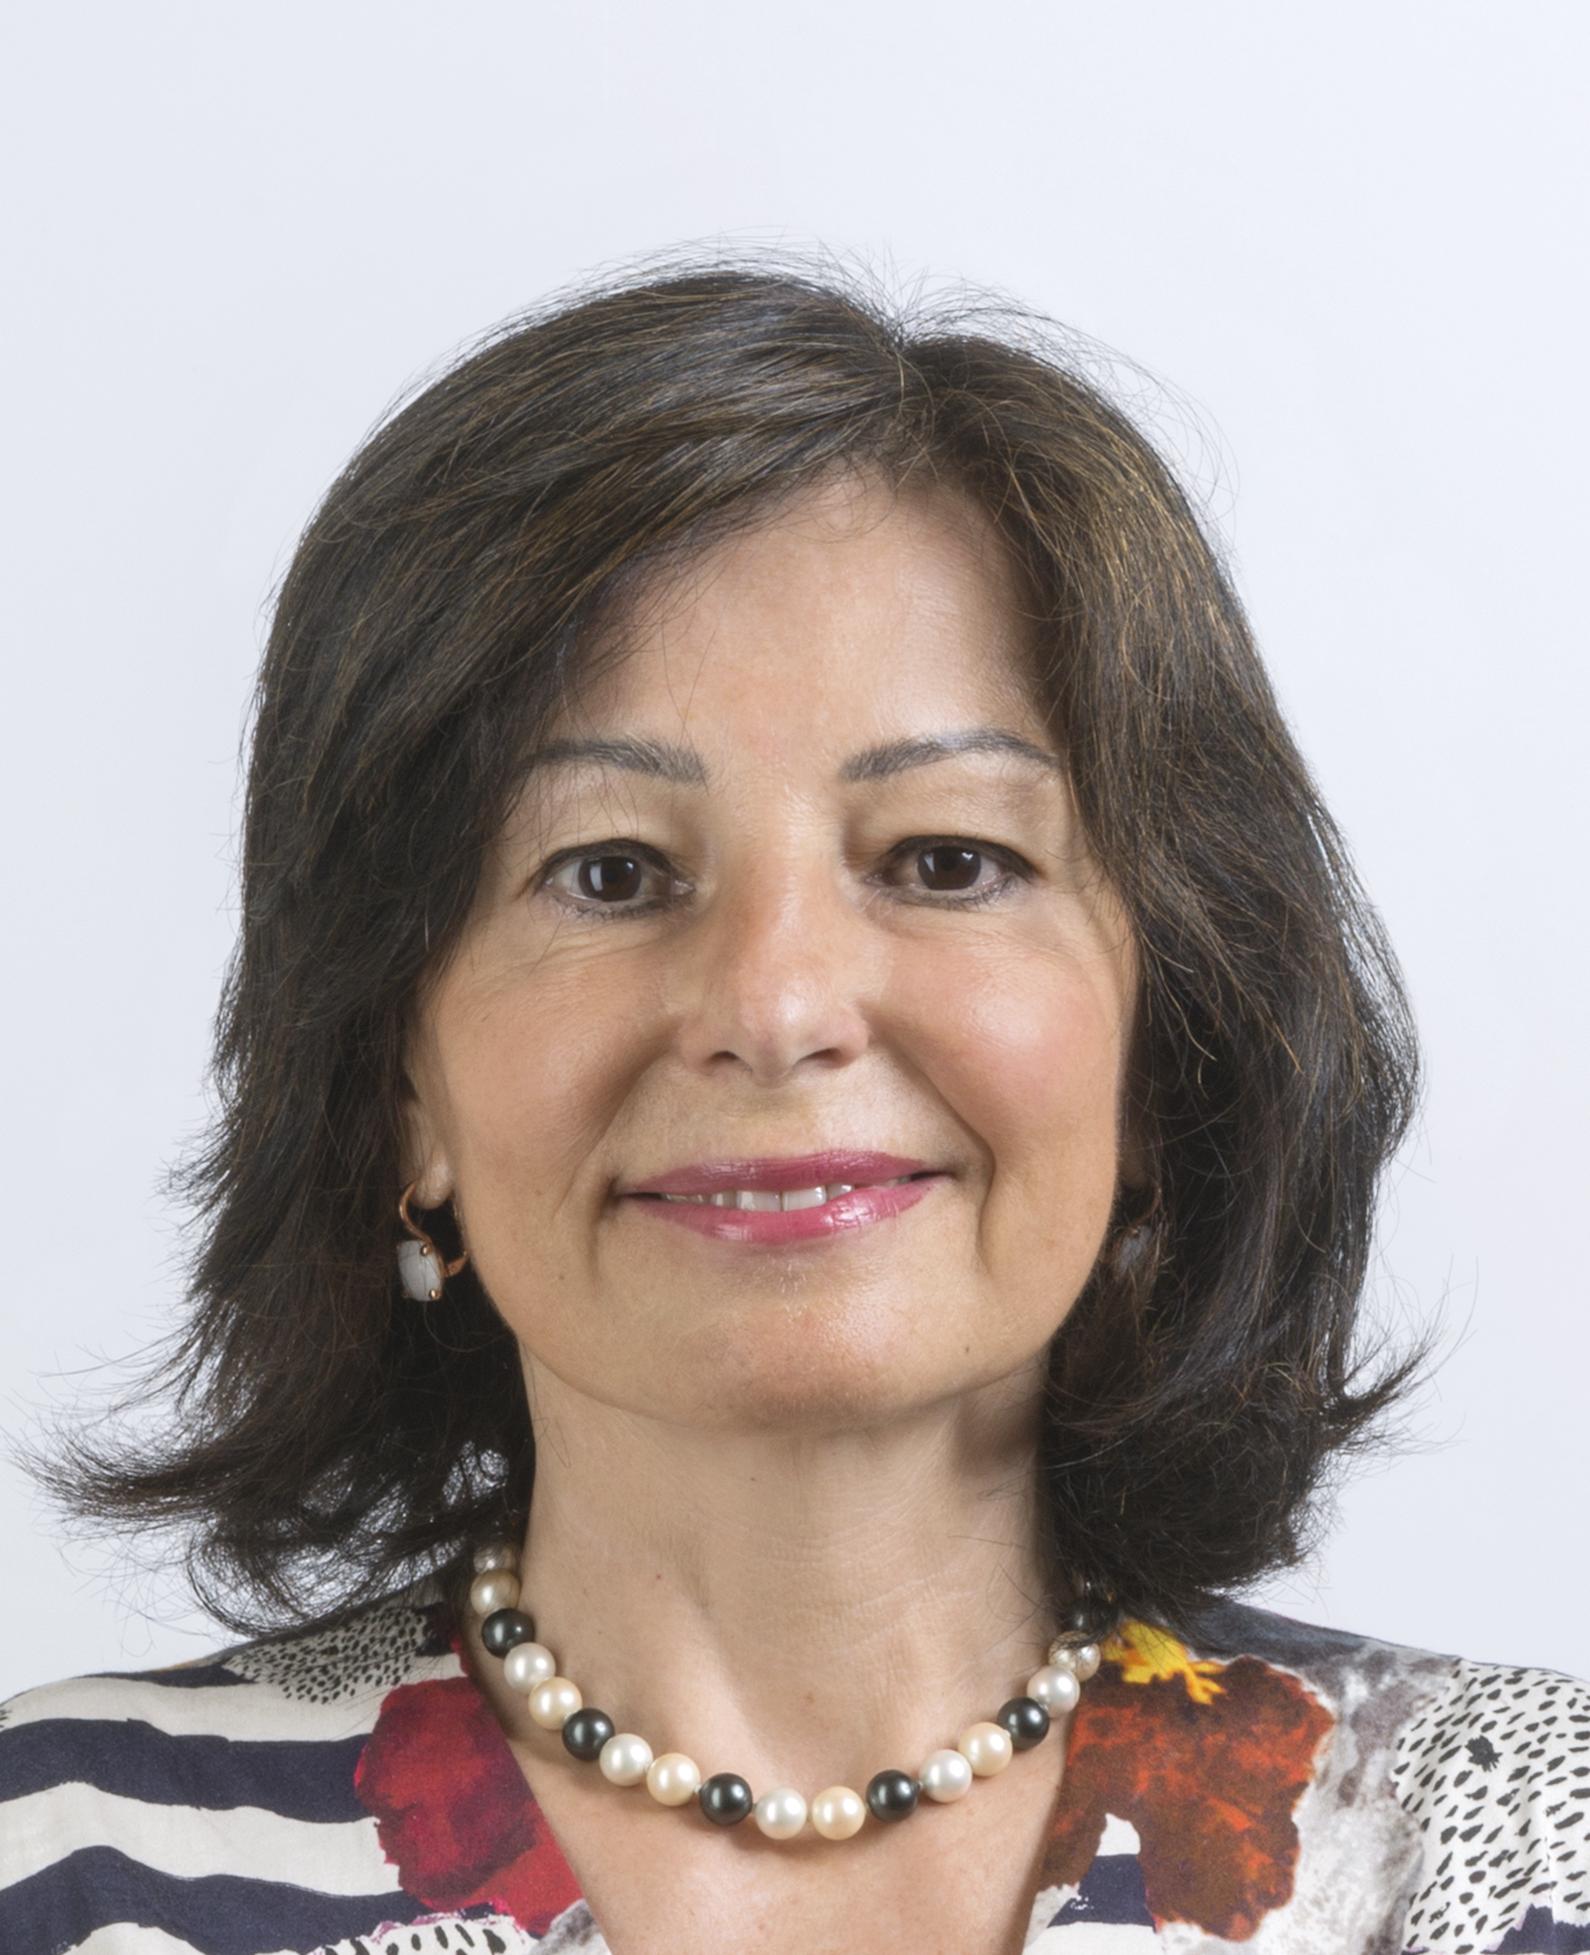 MARIA PIERDICCHI - Unione Bancaria e Basilea 3 - Risk & Supervision